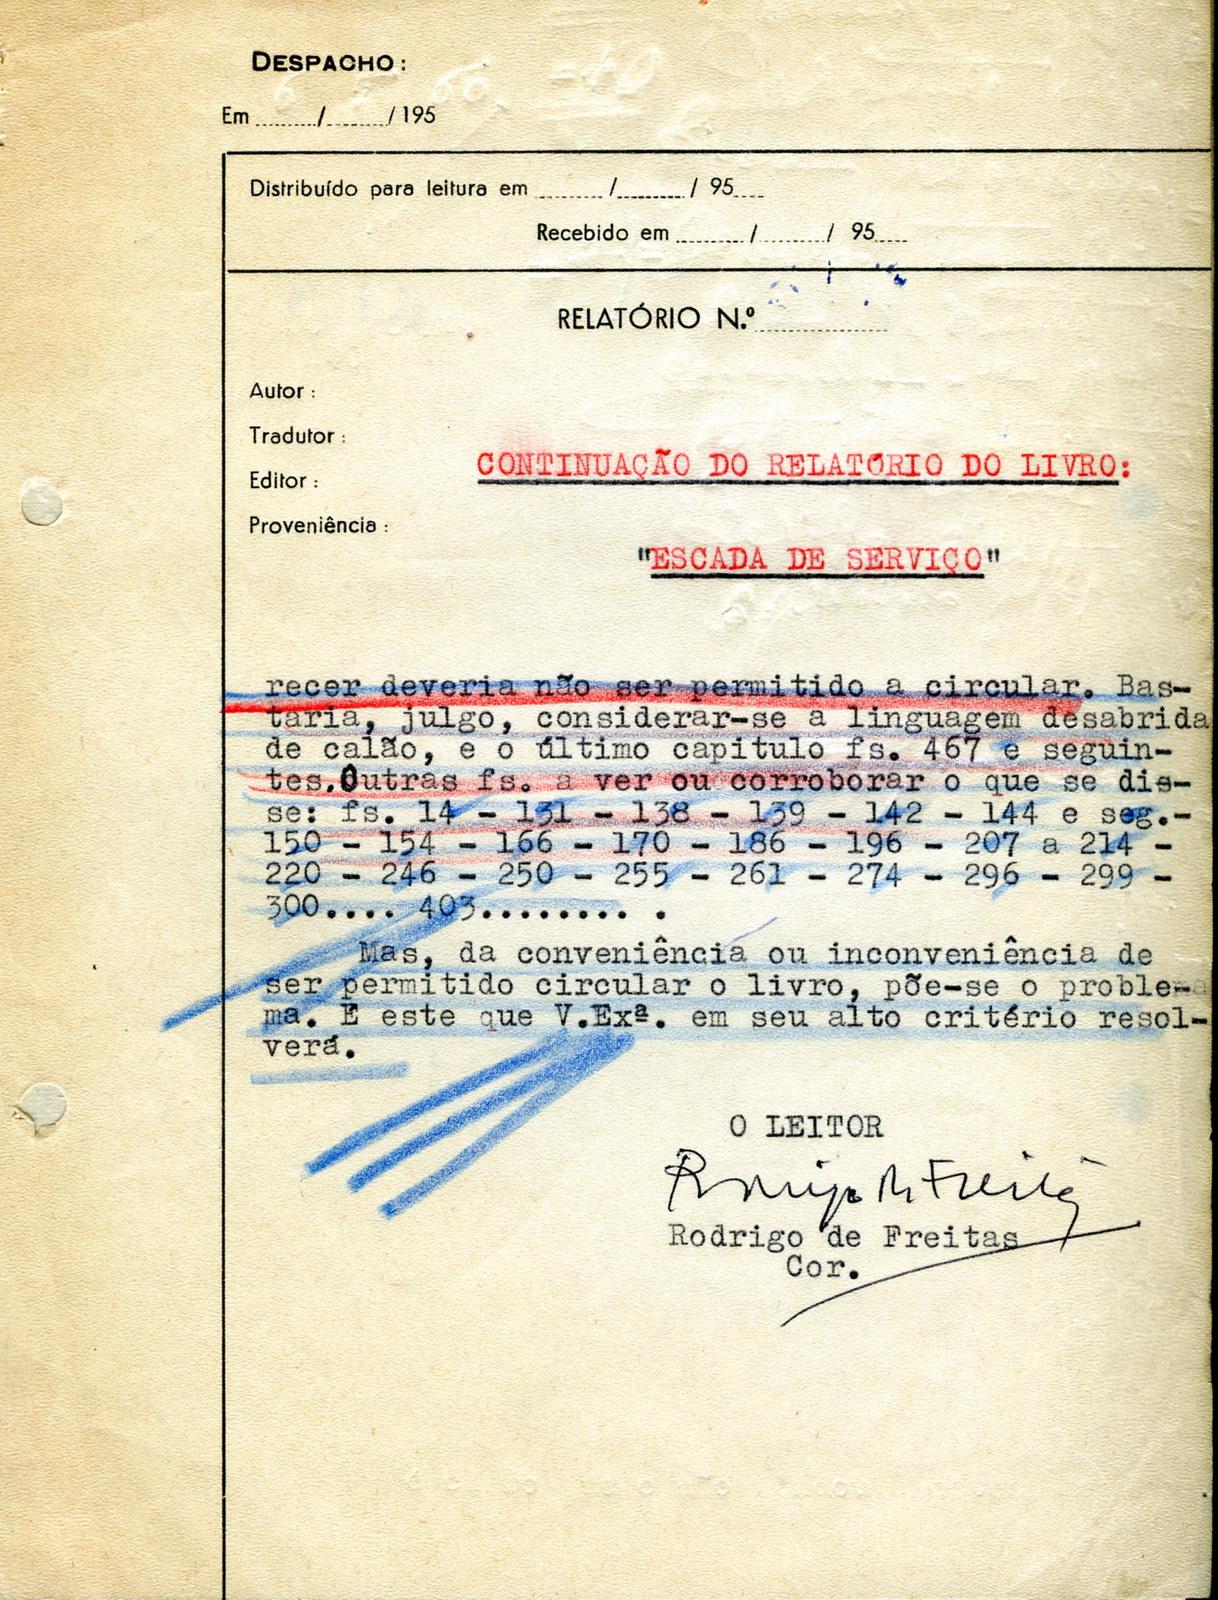 Censura relatrio n 3149 6 de maio de 1960 relativo a escada censura relatrio n 3149 6 de maio de 1960 relativo a escada de servio de afonso ribeiro ephemera biblioteca e arquivo de jos pacheco pereira fandeluxe Choice Image